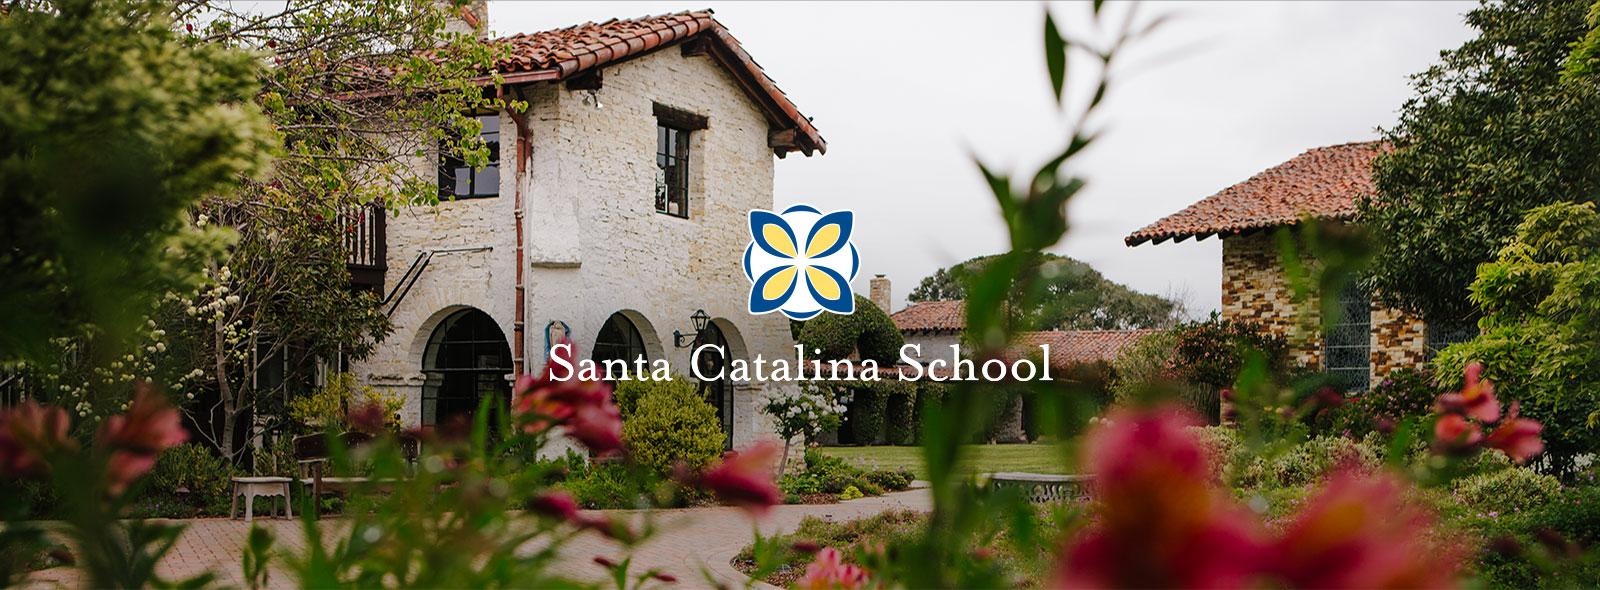 Santa Catalina School Website Header